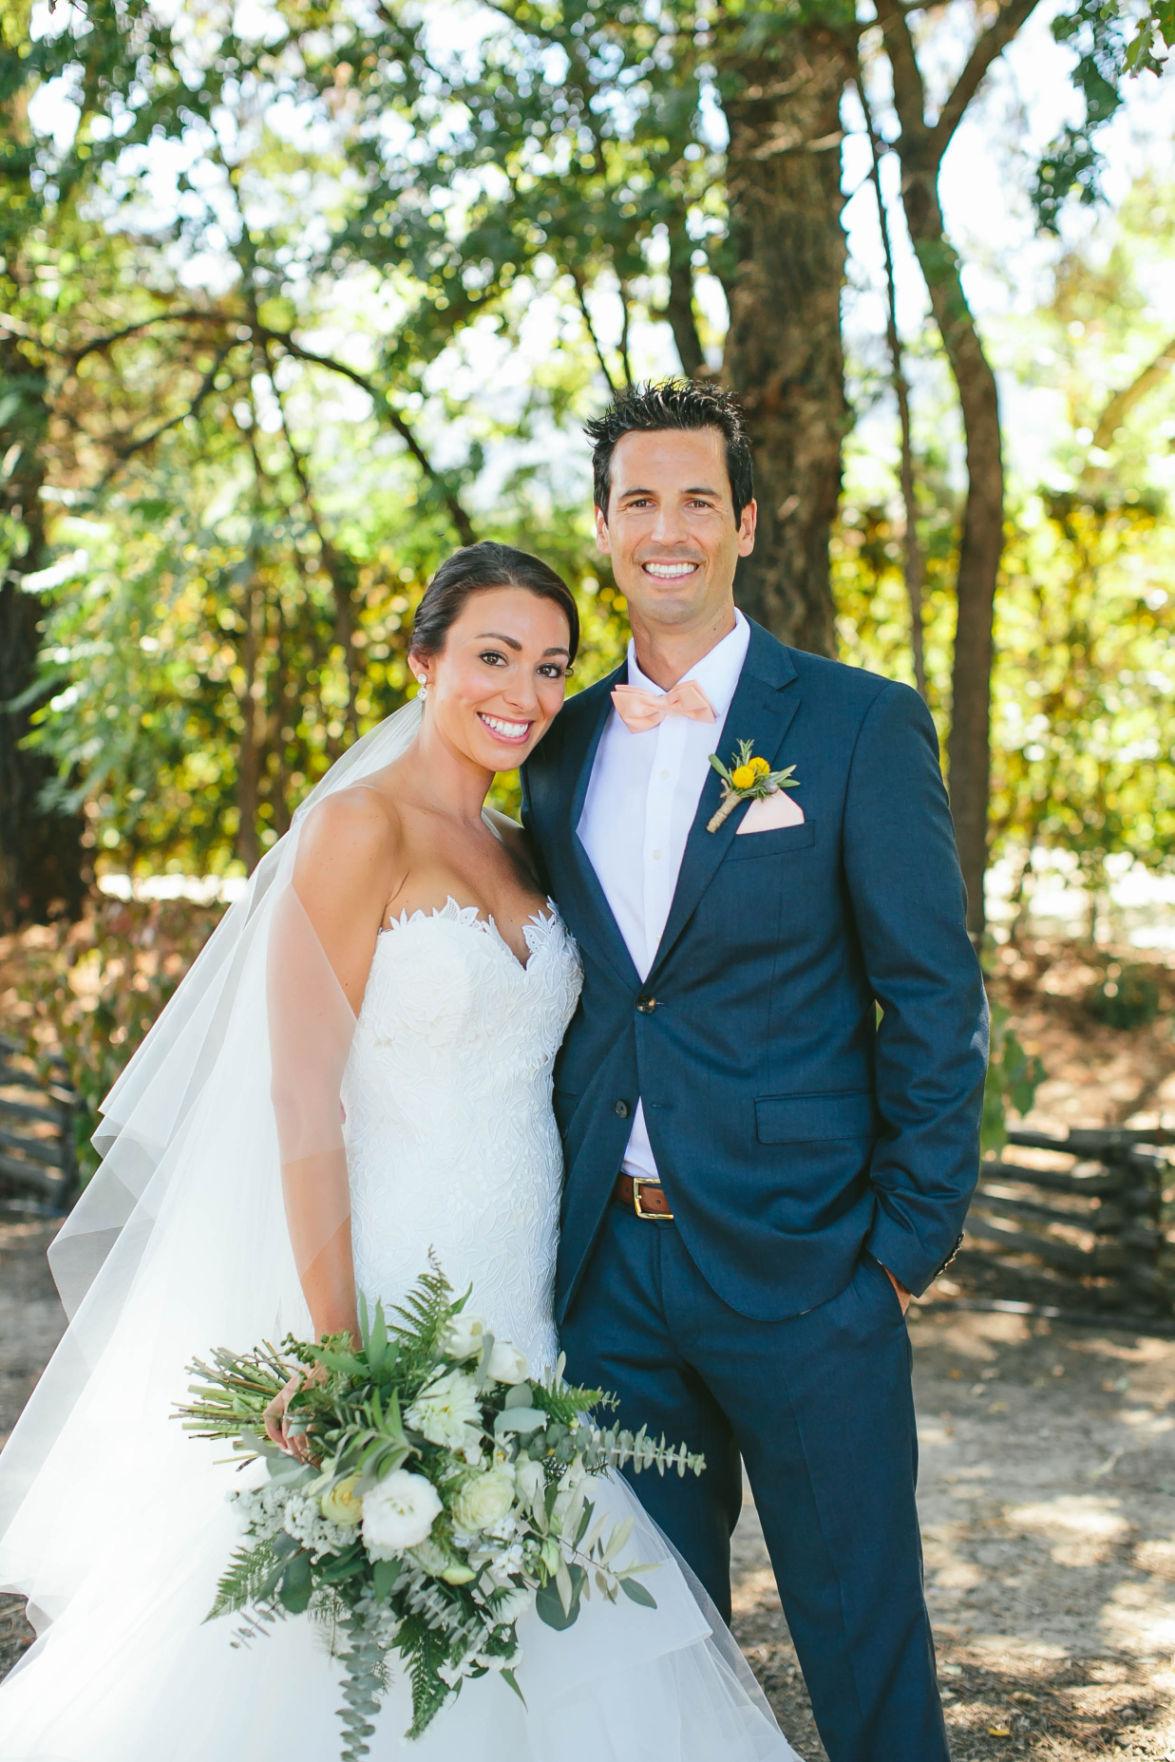 Gouveia-Hawkins wedding